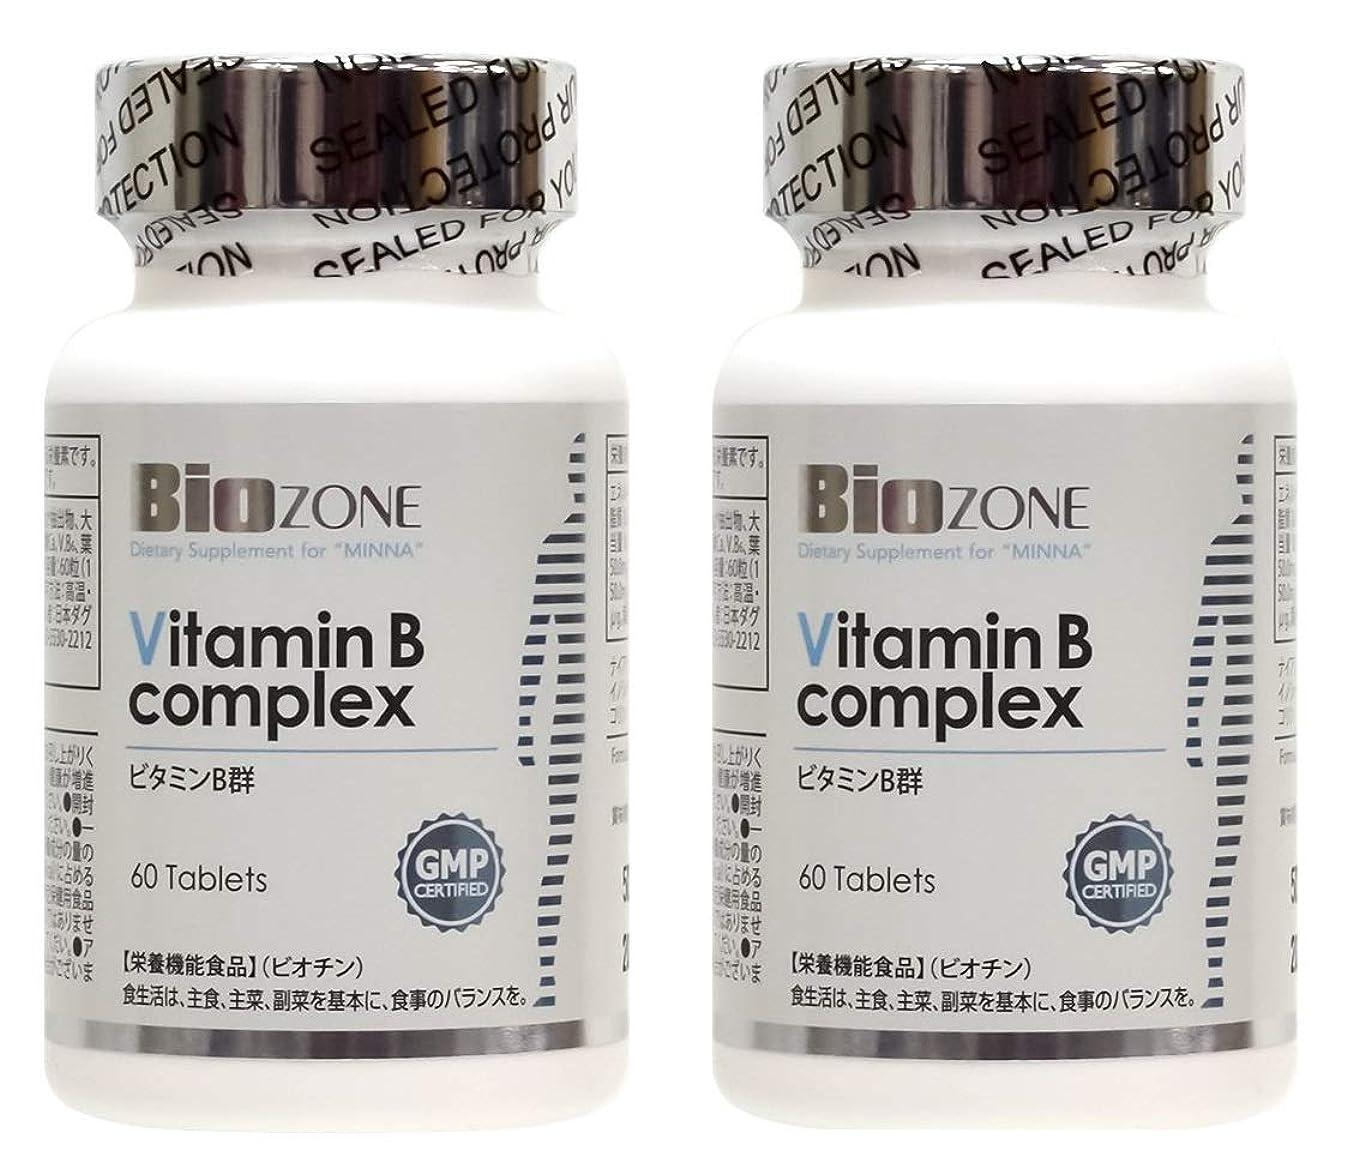 死ぬマージ補助金ダグラスラボラトリーズ バイオゾーン ビタミンBコンプレックス 60粒 約30日分 サプリメント  ビタミンB1 B2 B6 B12 パンテトン酸 ビオチン 葉酸 (2)